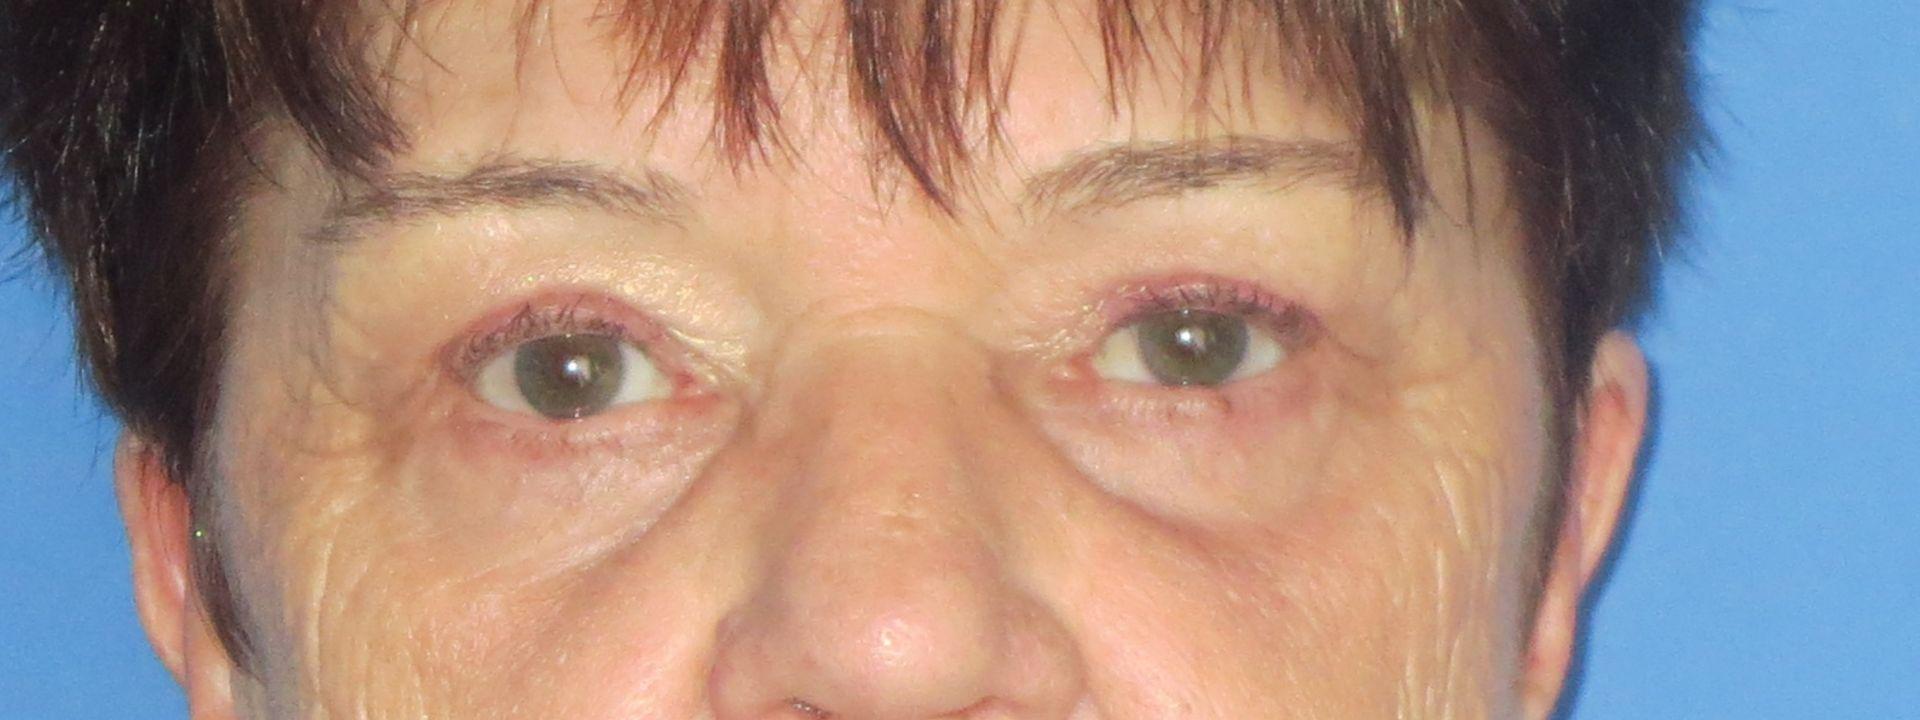 upper lower blepharoplasty after 2